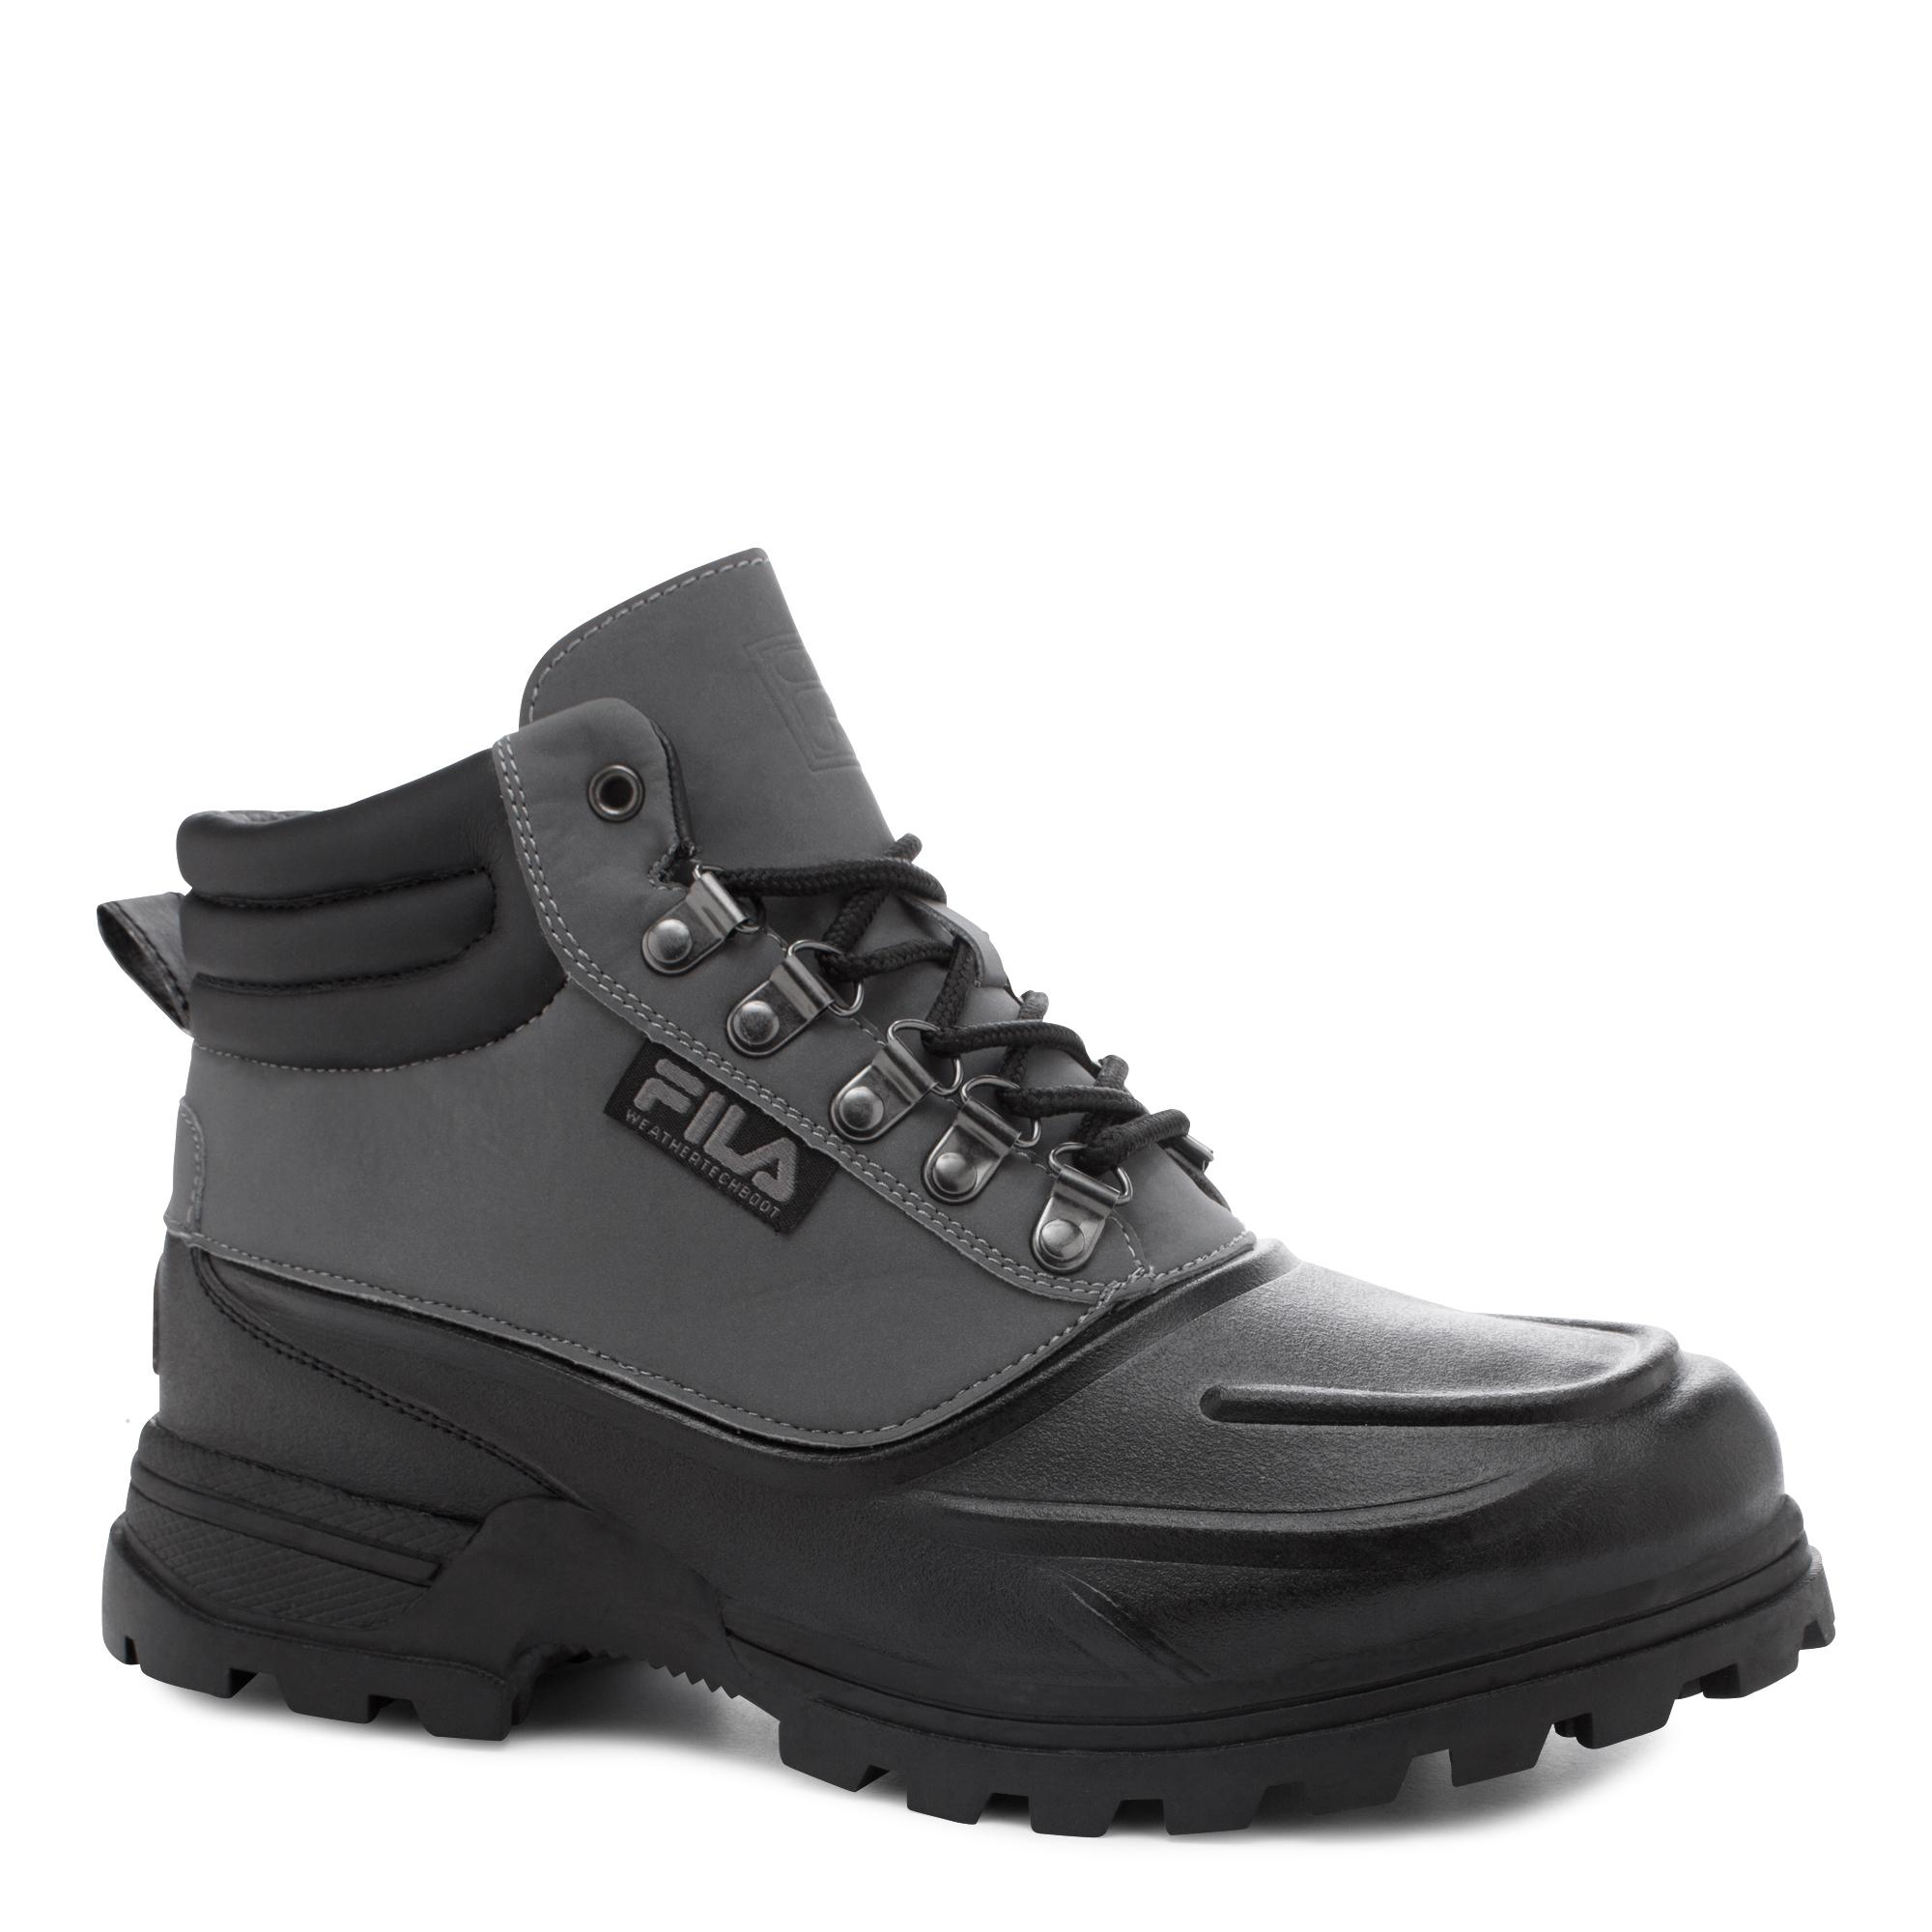 Details about Fila Men's Weathertec Boot